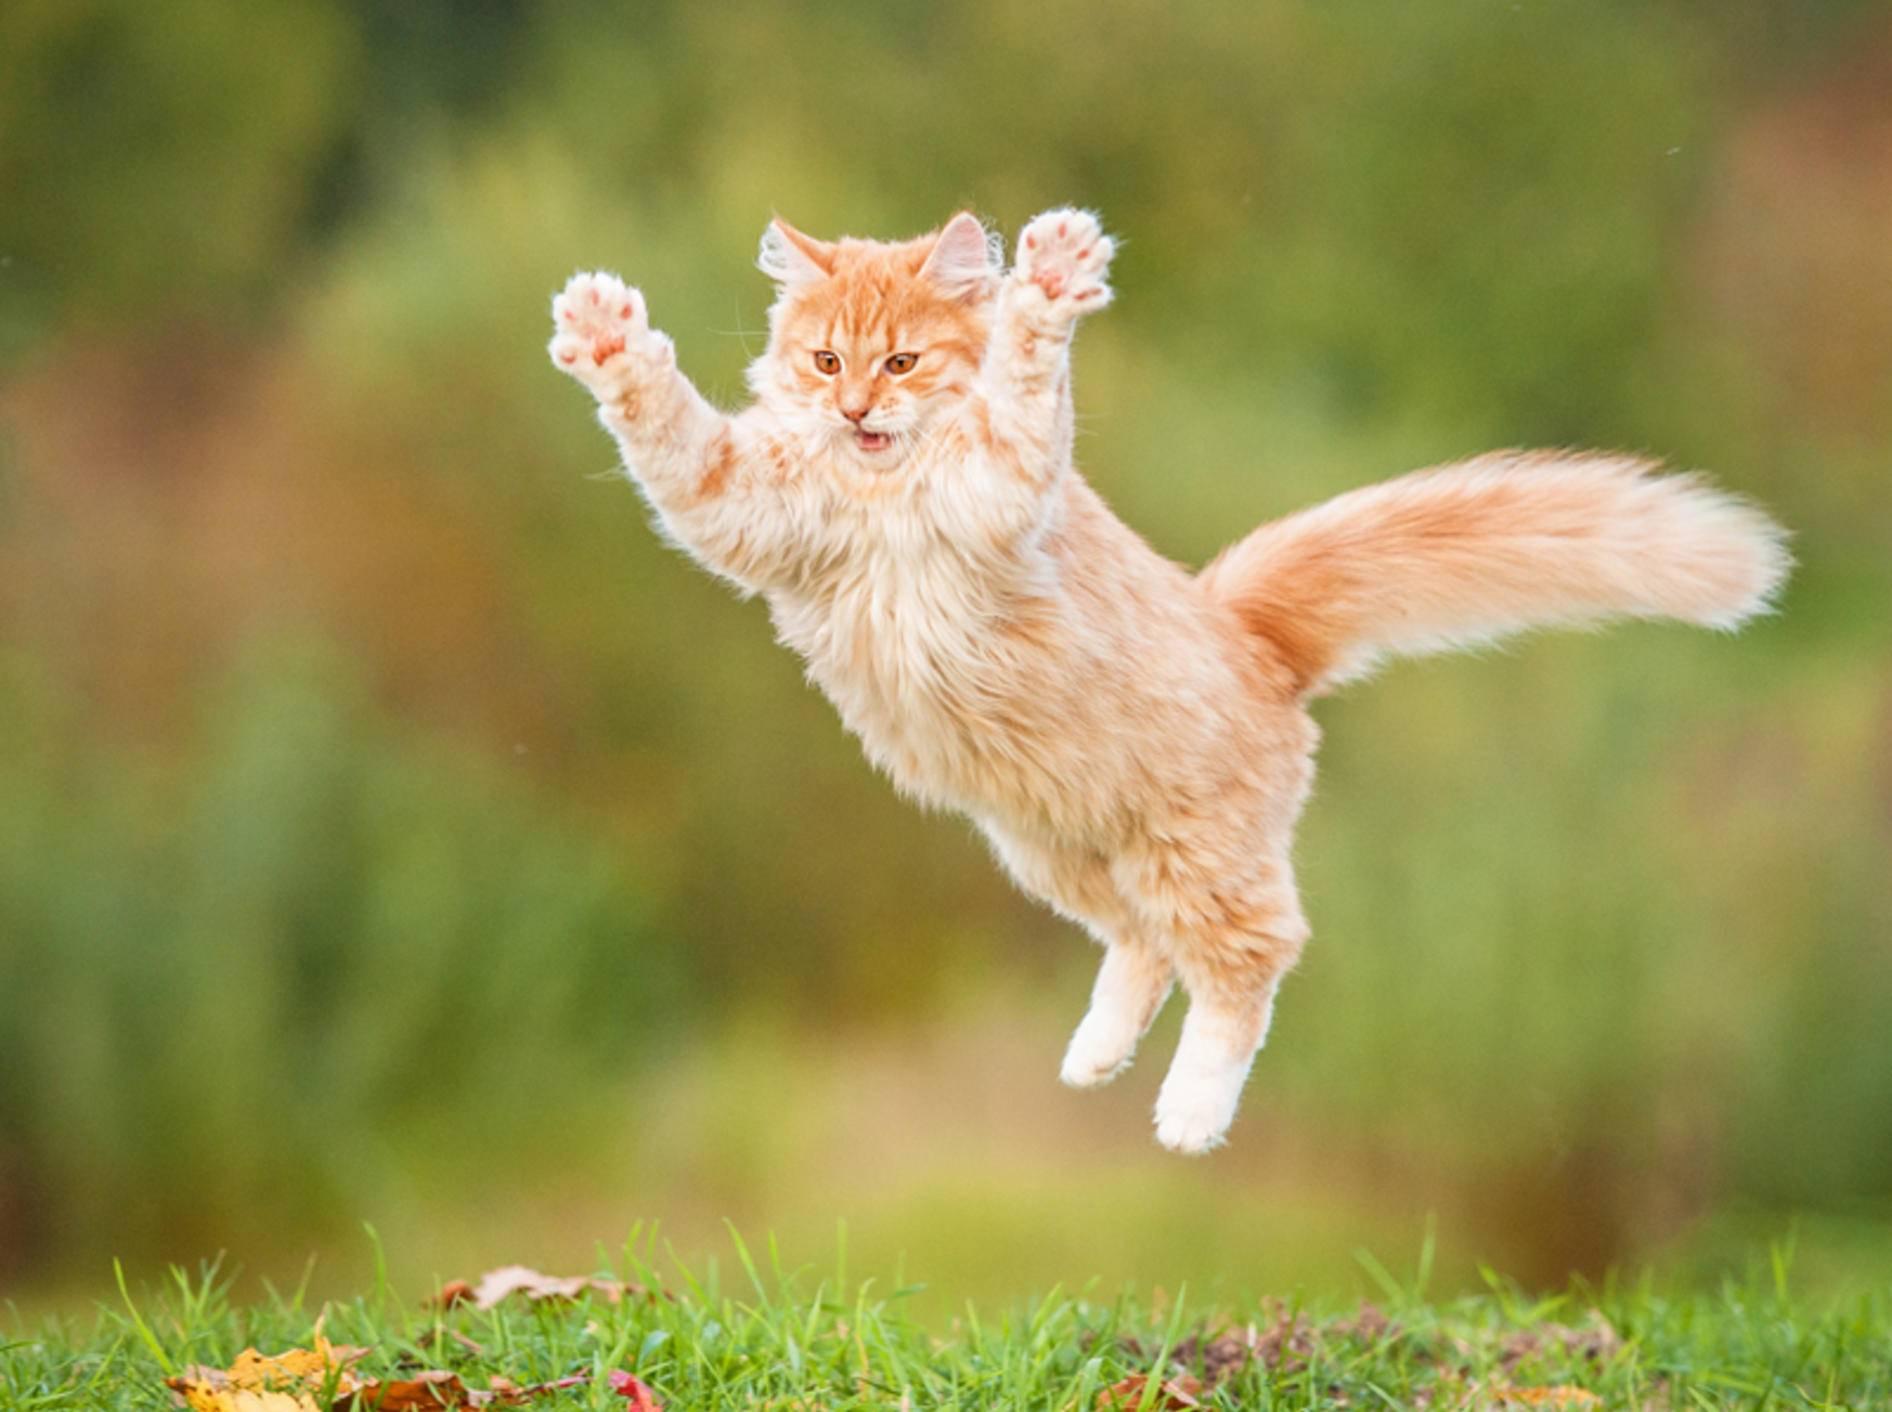 """""""Hahaaa! Nimm das, du Maus!"""" – Die Sprungkraft der Katzen kommt ihnen bei der Jagd zugute – Shutterstock / Rita Kochmarjova"""